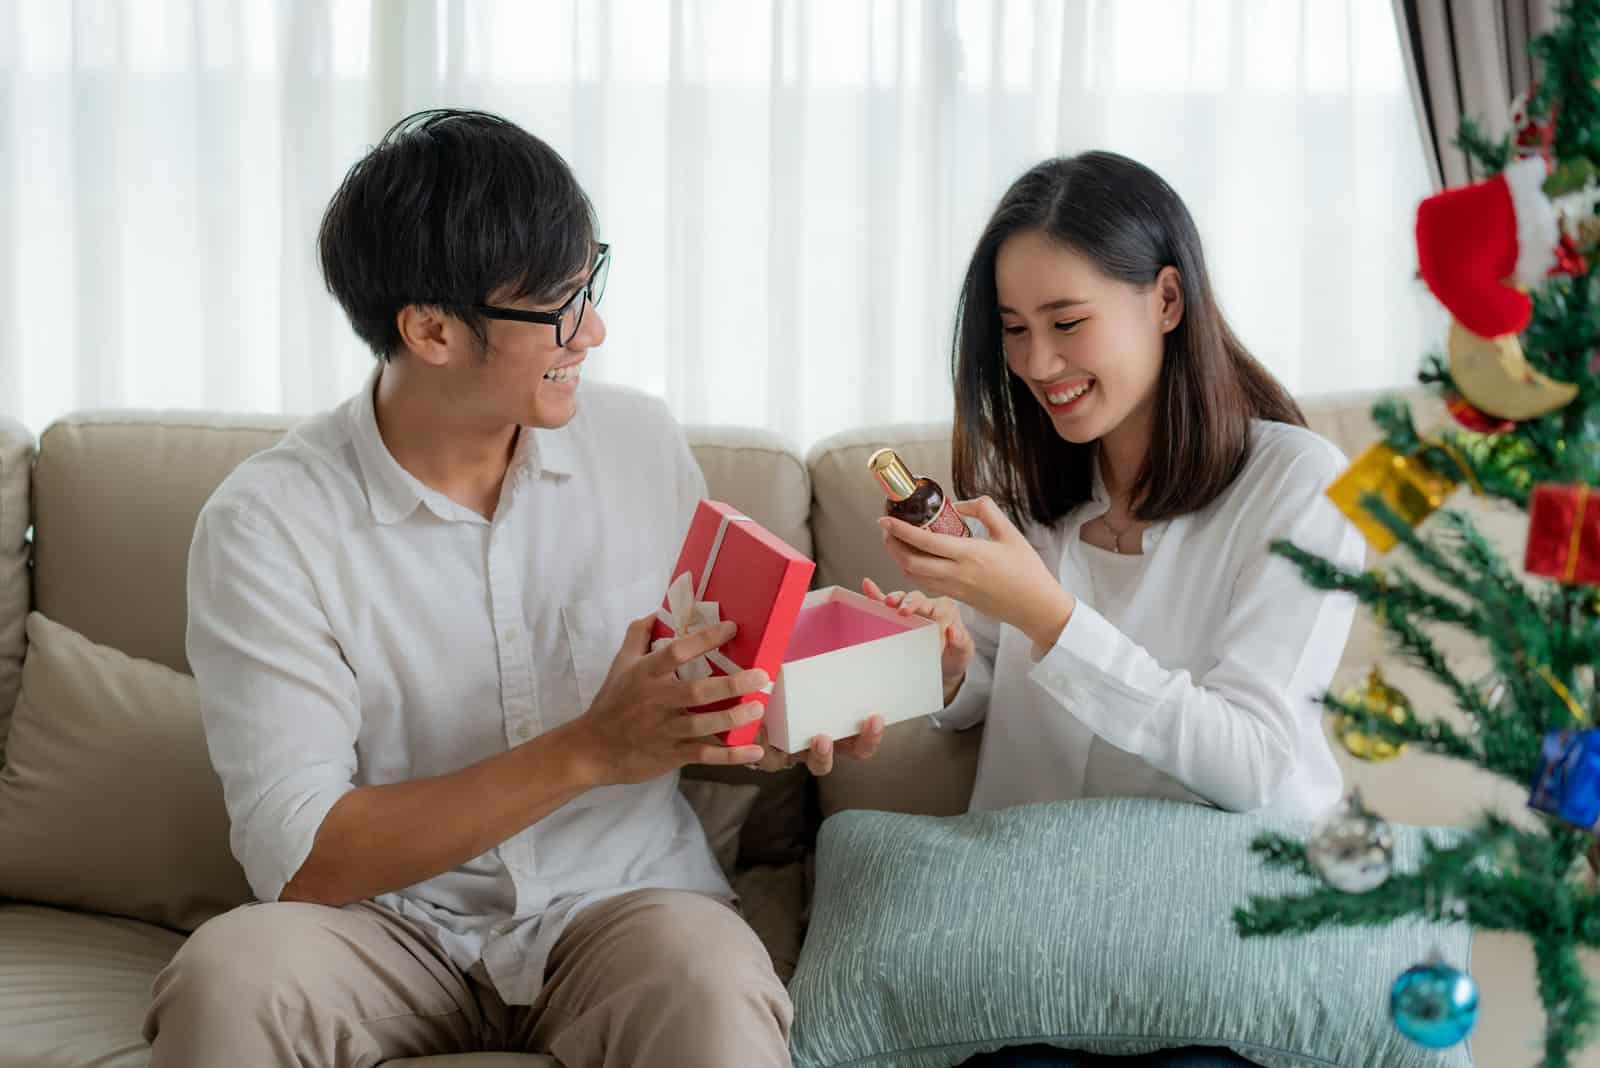 l'homme a surpris la femme avec un cadeau alors qu'ils étaient assis sur le canapé